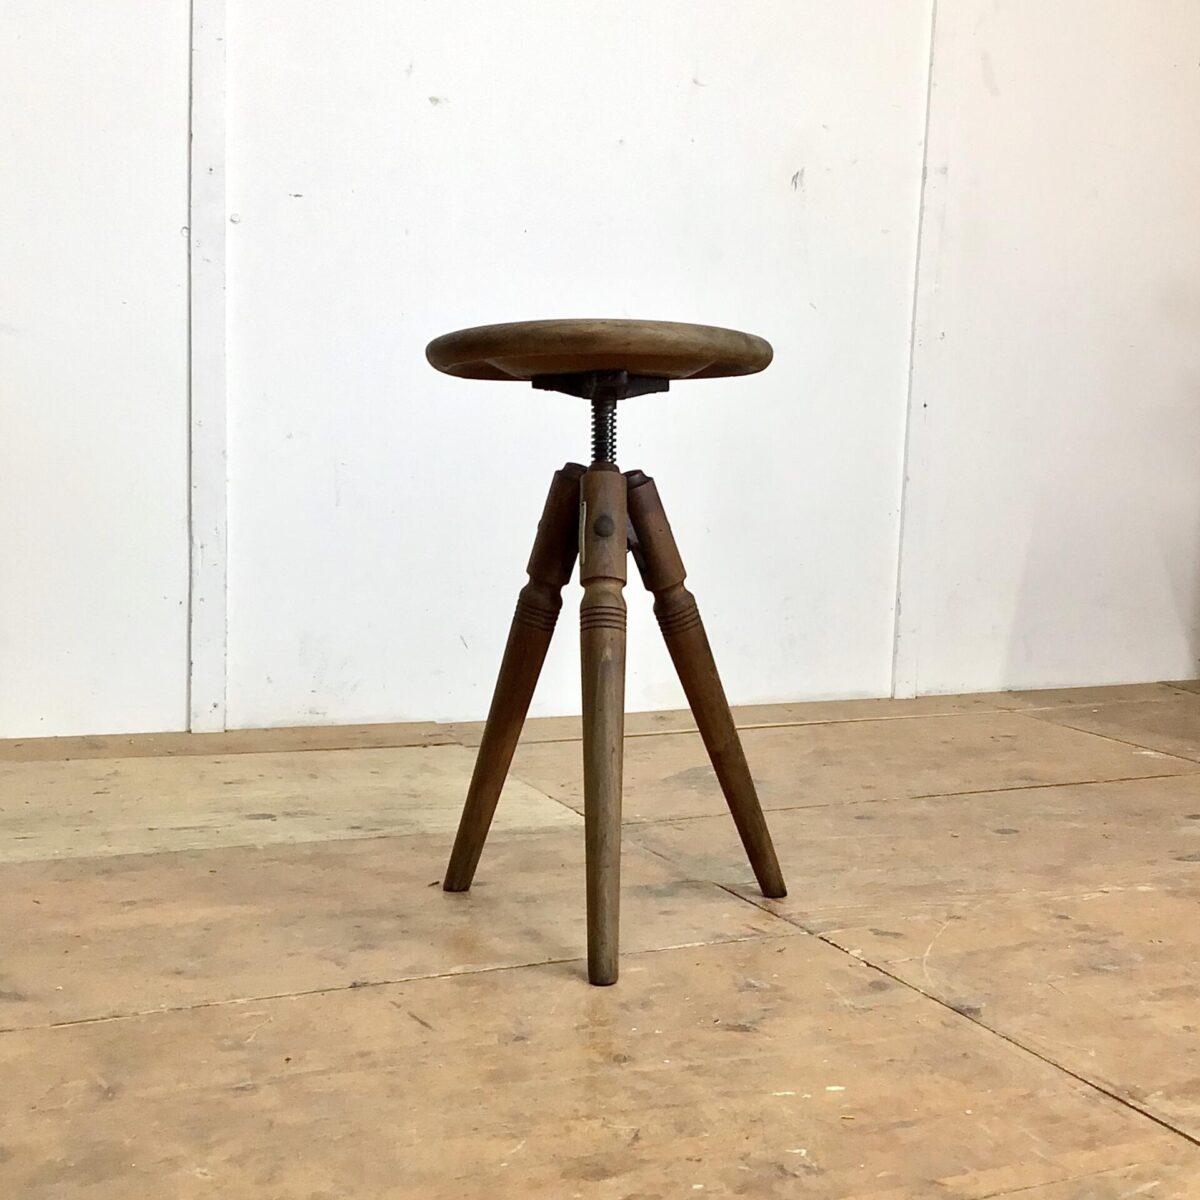 Deuxieme.shop industrial vintage Chair. Alter Werkstatt Hocker höhenverstellbar von 47-70cm Durchmesser 31cm. Dieser Dreibein Stuhl hat eine schöne Industrie Patina, die höhenverstellbare Rändelschraube läuft sauber.